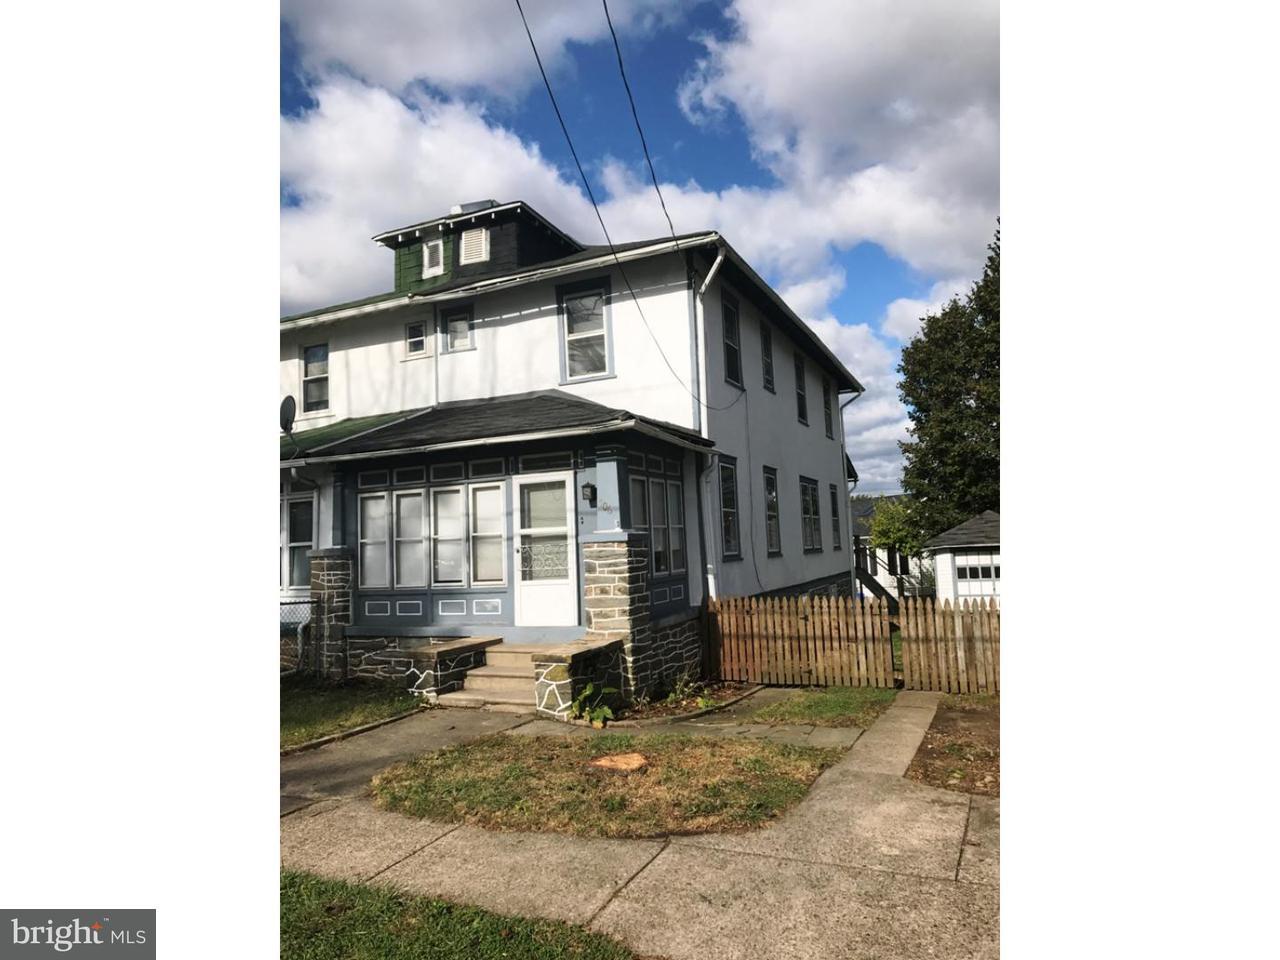 Casa unifamiliar adosada (Townhouse) por un Venta en 706 CRESTVIEW Road Philadelphia, Pennsylvania 19128 Estados Unidos